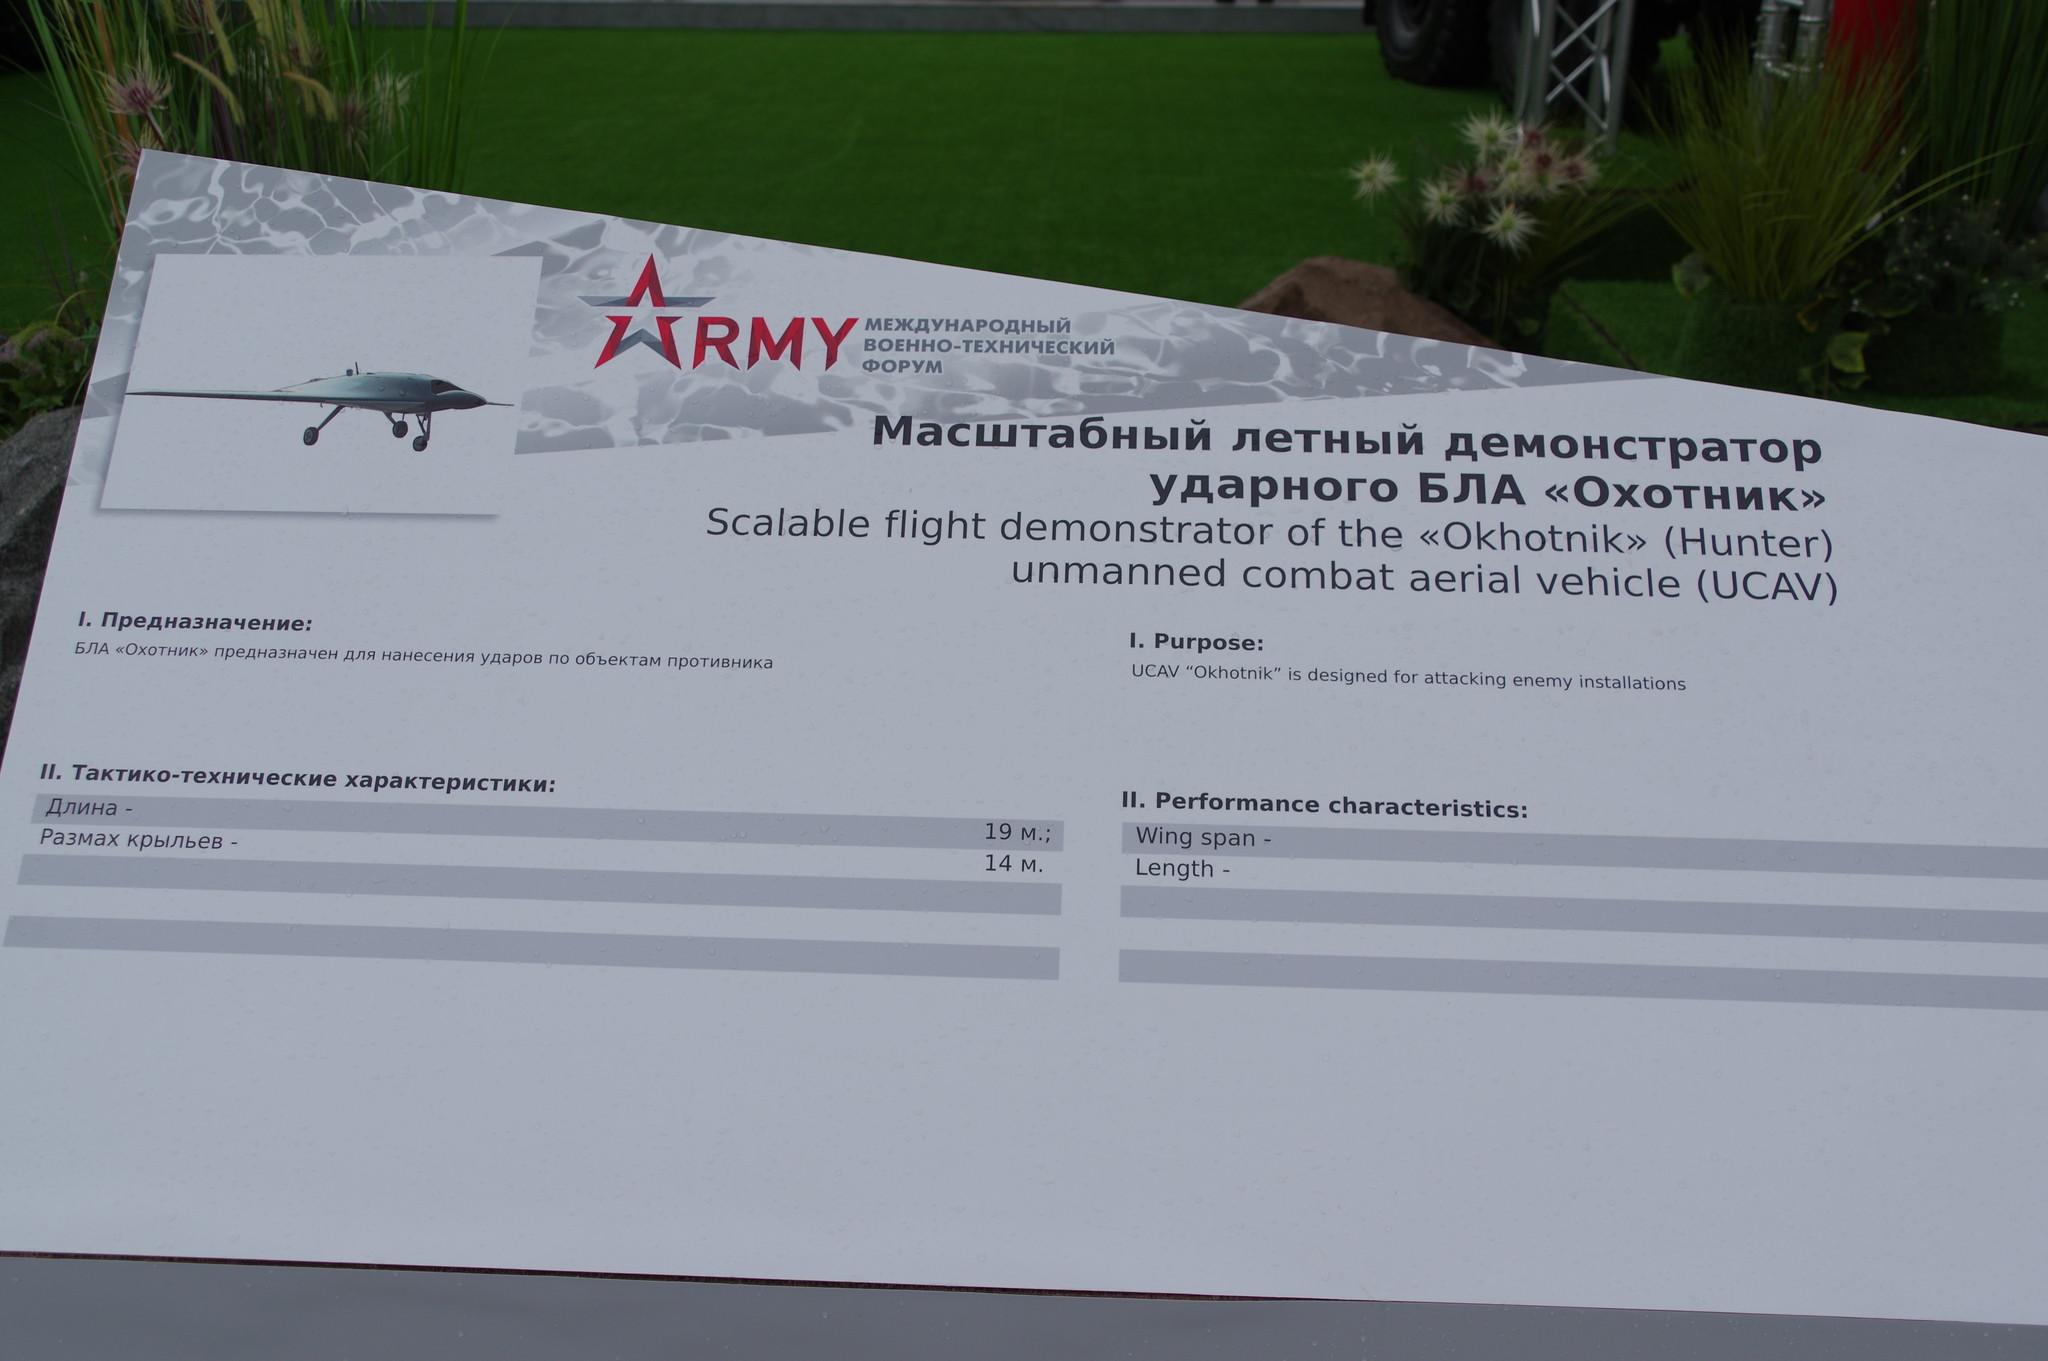 Масштабный лётный демонстратор ударного БЛА «Охотник»